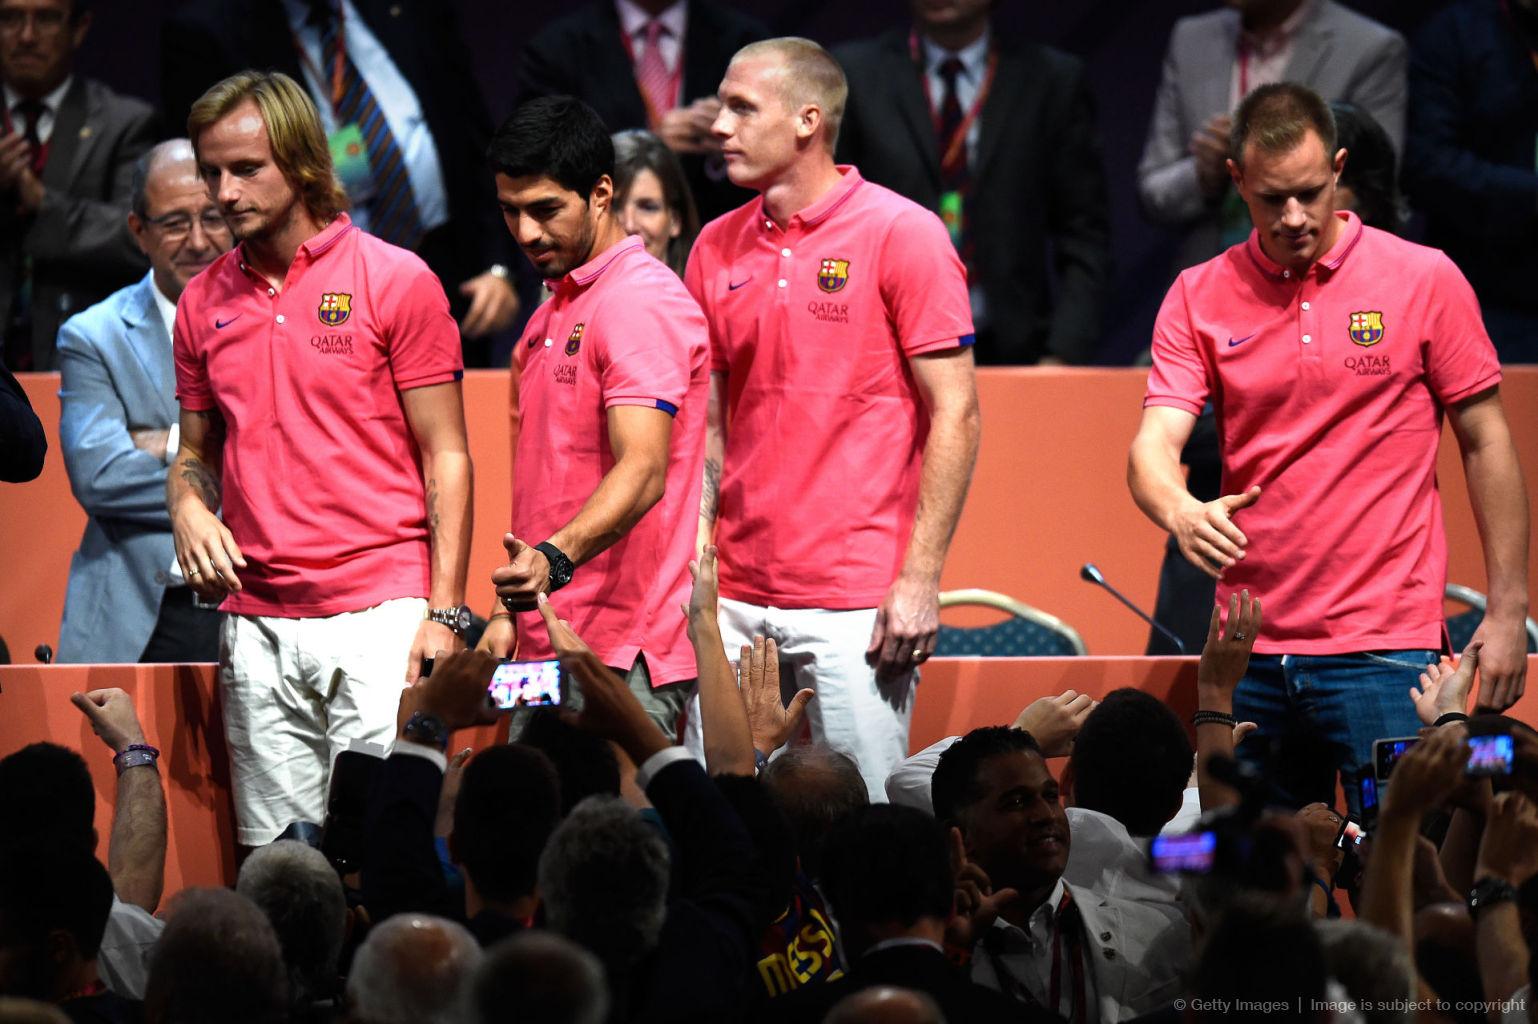 ایوان راکیتیچ: سوارز آرام، مهربان و ساکت است؛ او قول داده که دیگر اتفاق جام جهانی را تکرار نکند